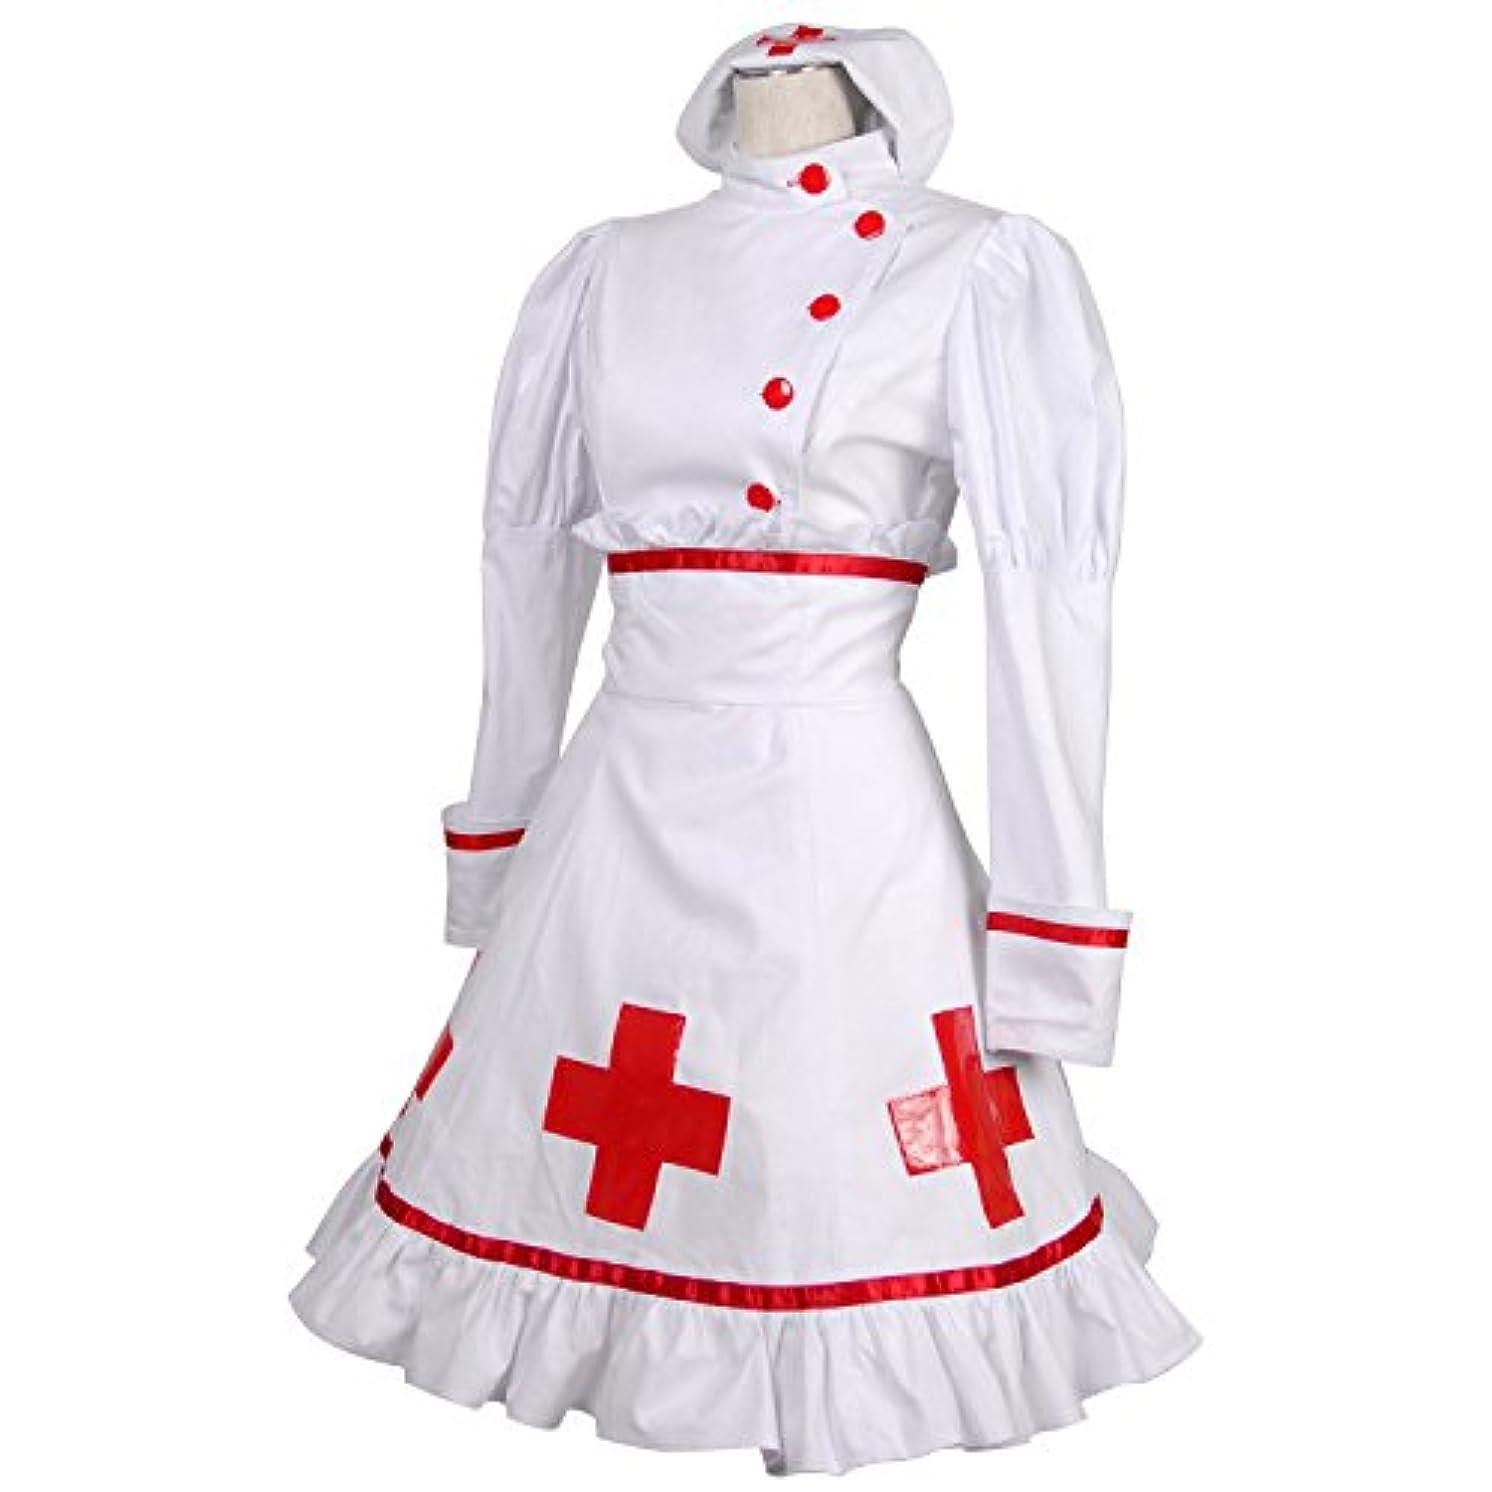 クロスマーク レトロ ナース服 衣装 コスチューム レディースサイズ ゾンビ ハロウィン Mサイズ